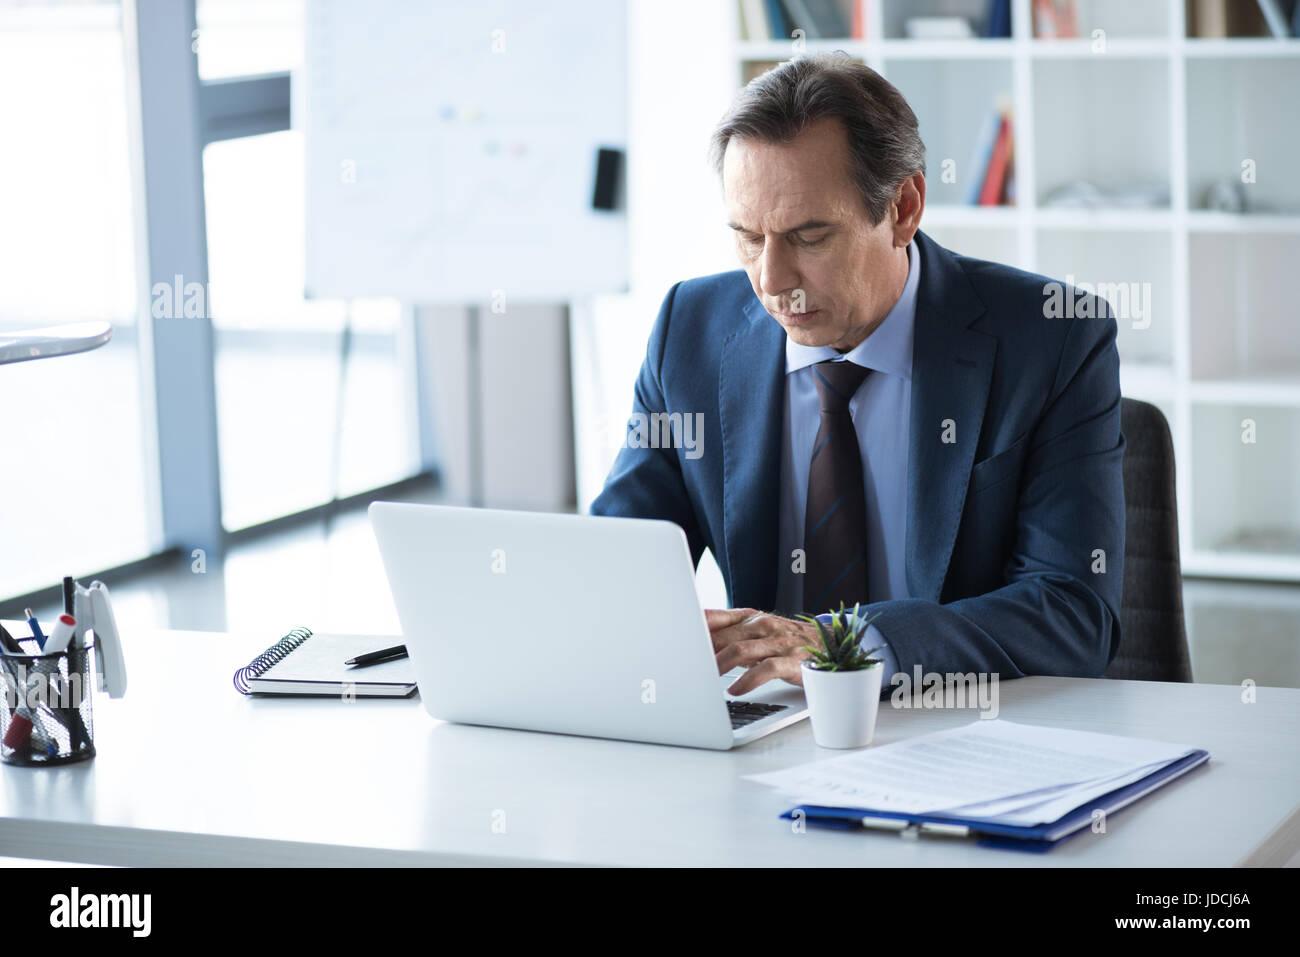 Reife ernsthaften Geschäftsmann arbeiten und tippen auf Laptop am Arbeitsplatz im Büro Stockbild